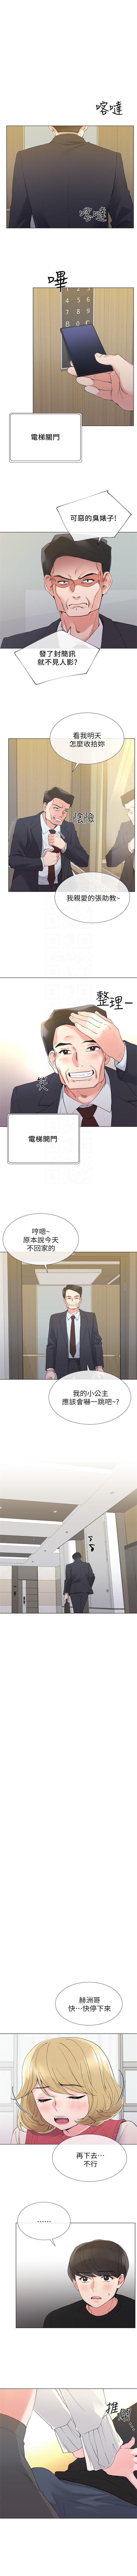 (週5)重考生 1-52 中文翻譯(更新中) 210